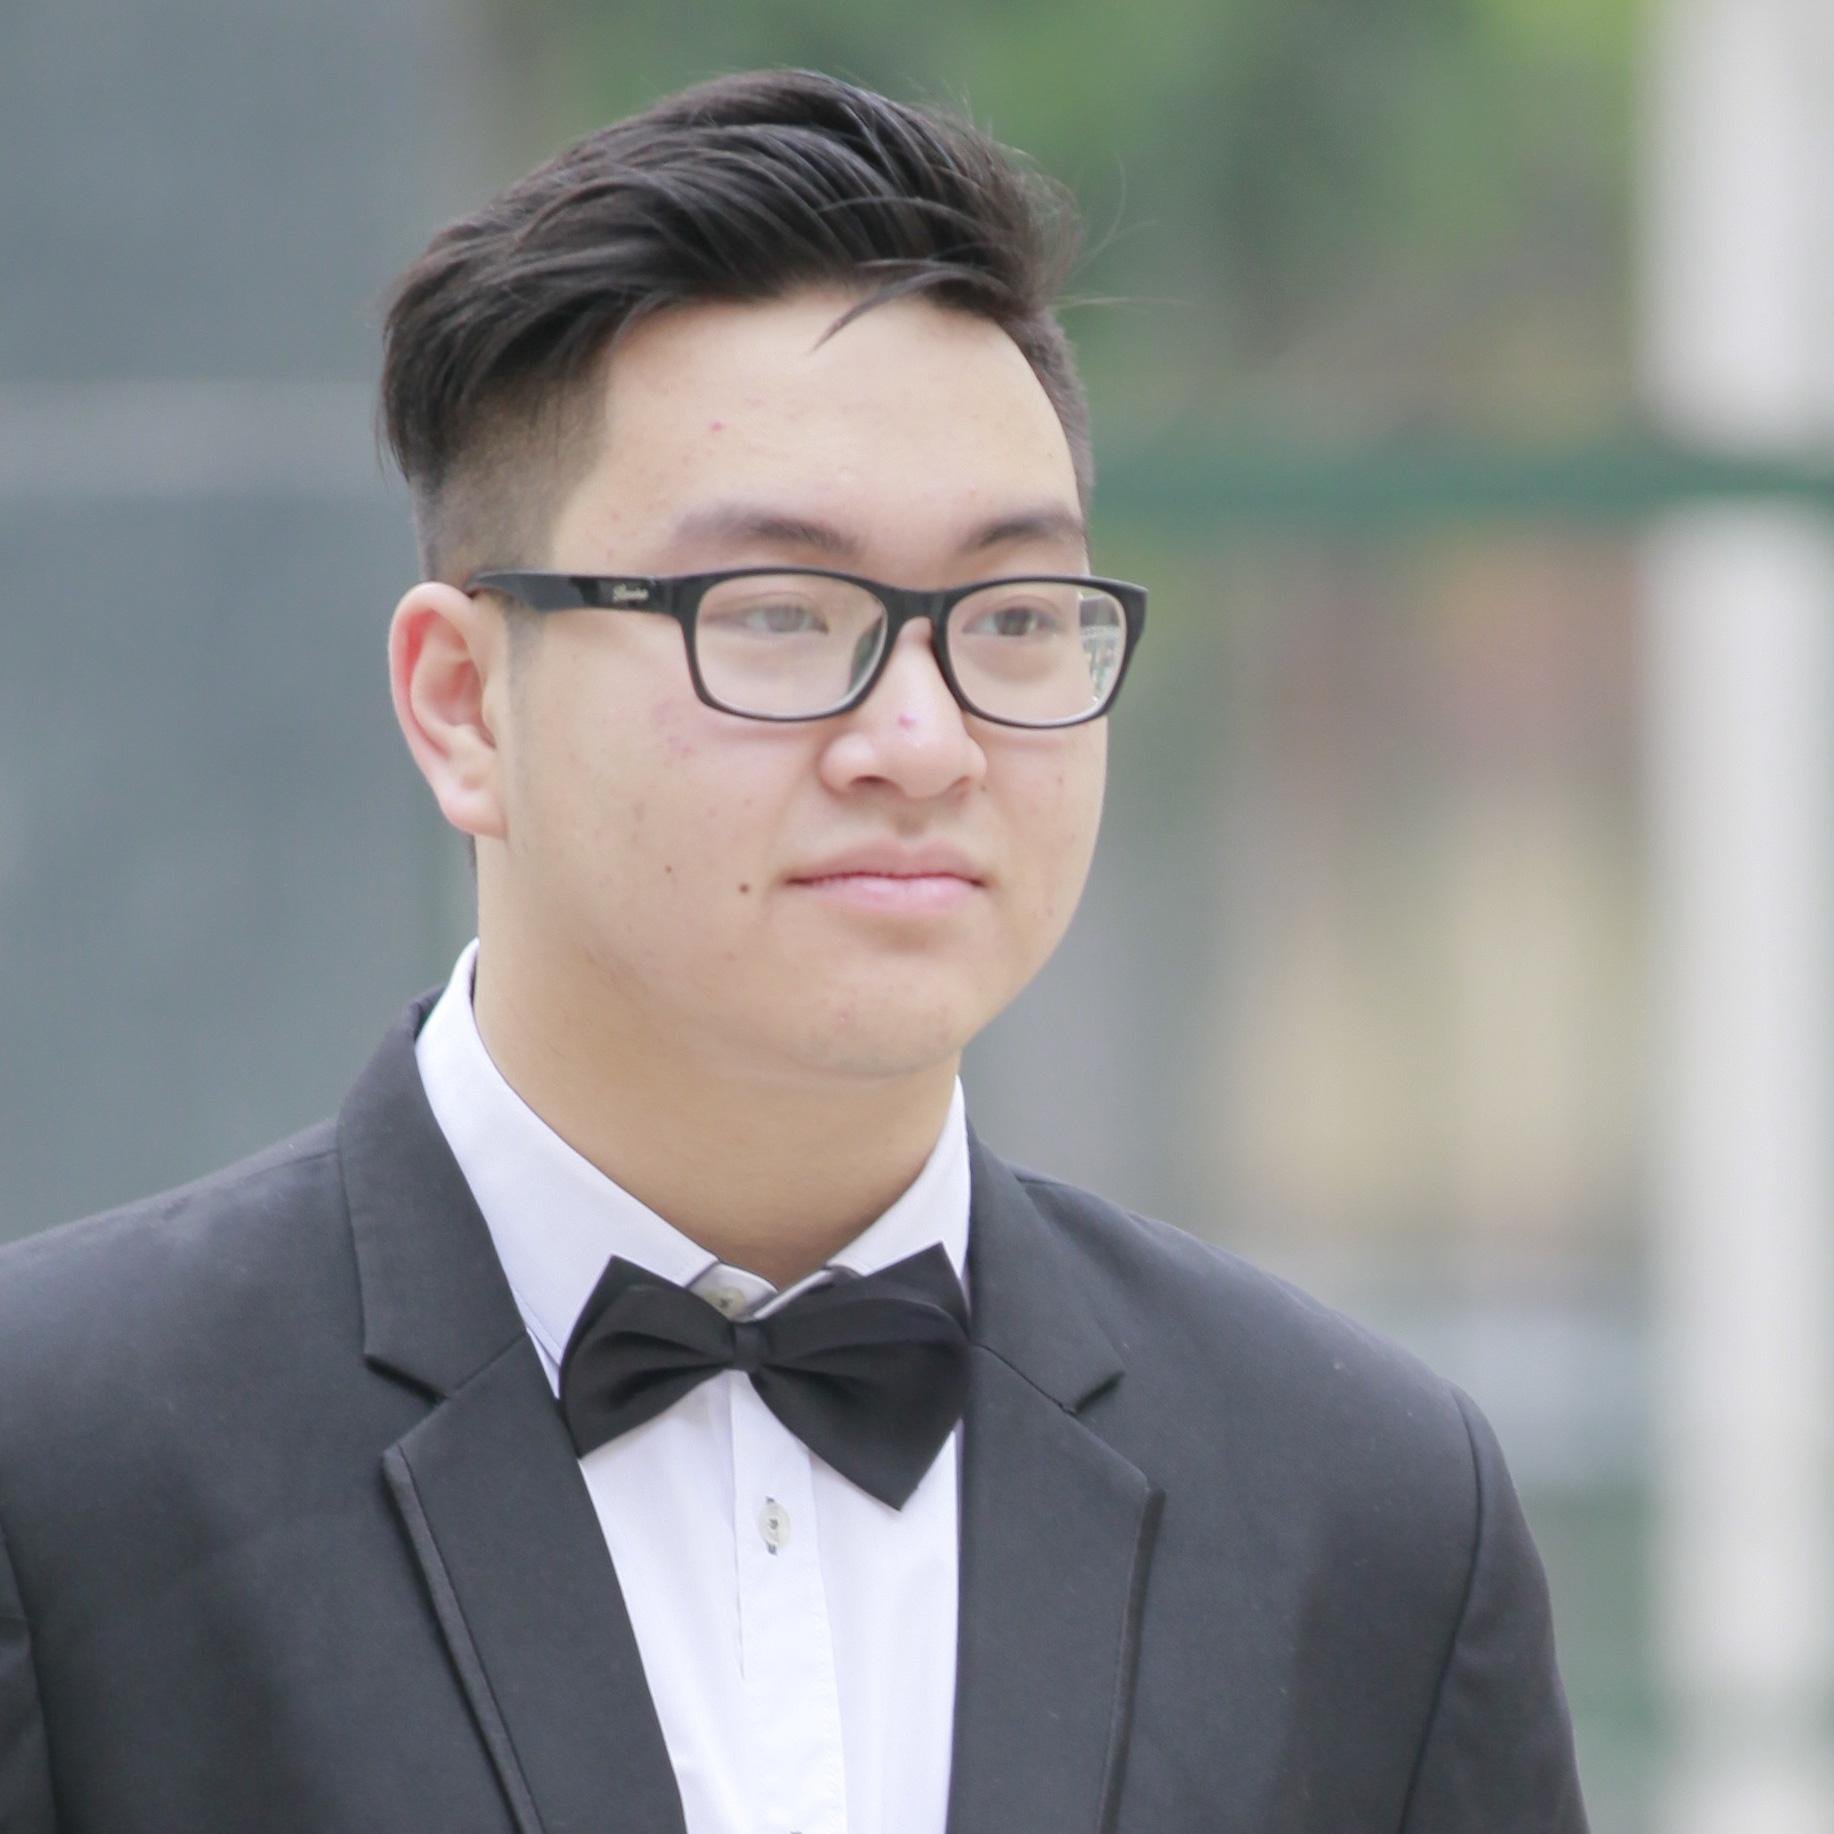 Chân dung 9X Việt đến ĐH Oxford với học bổng 5 tỷ đồng để nghiên cứu về trí tuệ nhân tạo - Ảnh 2.